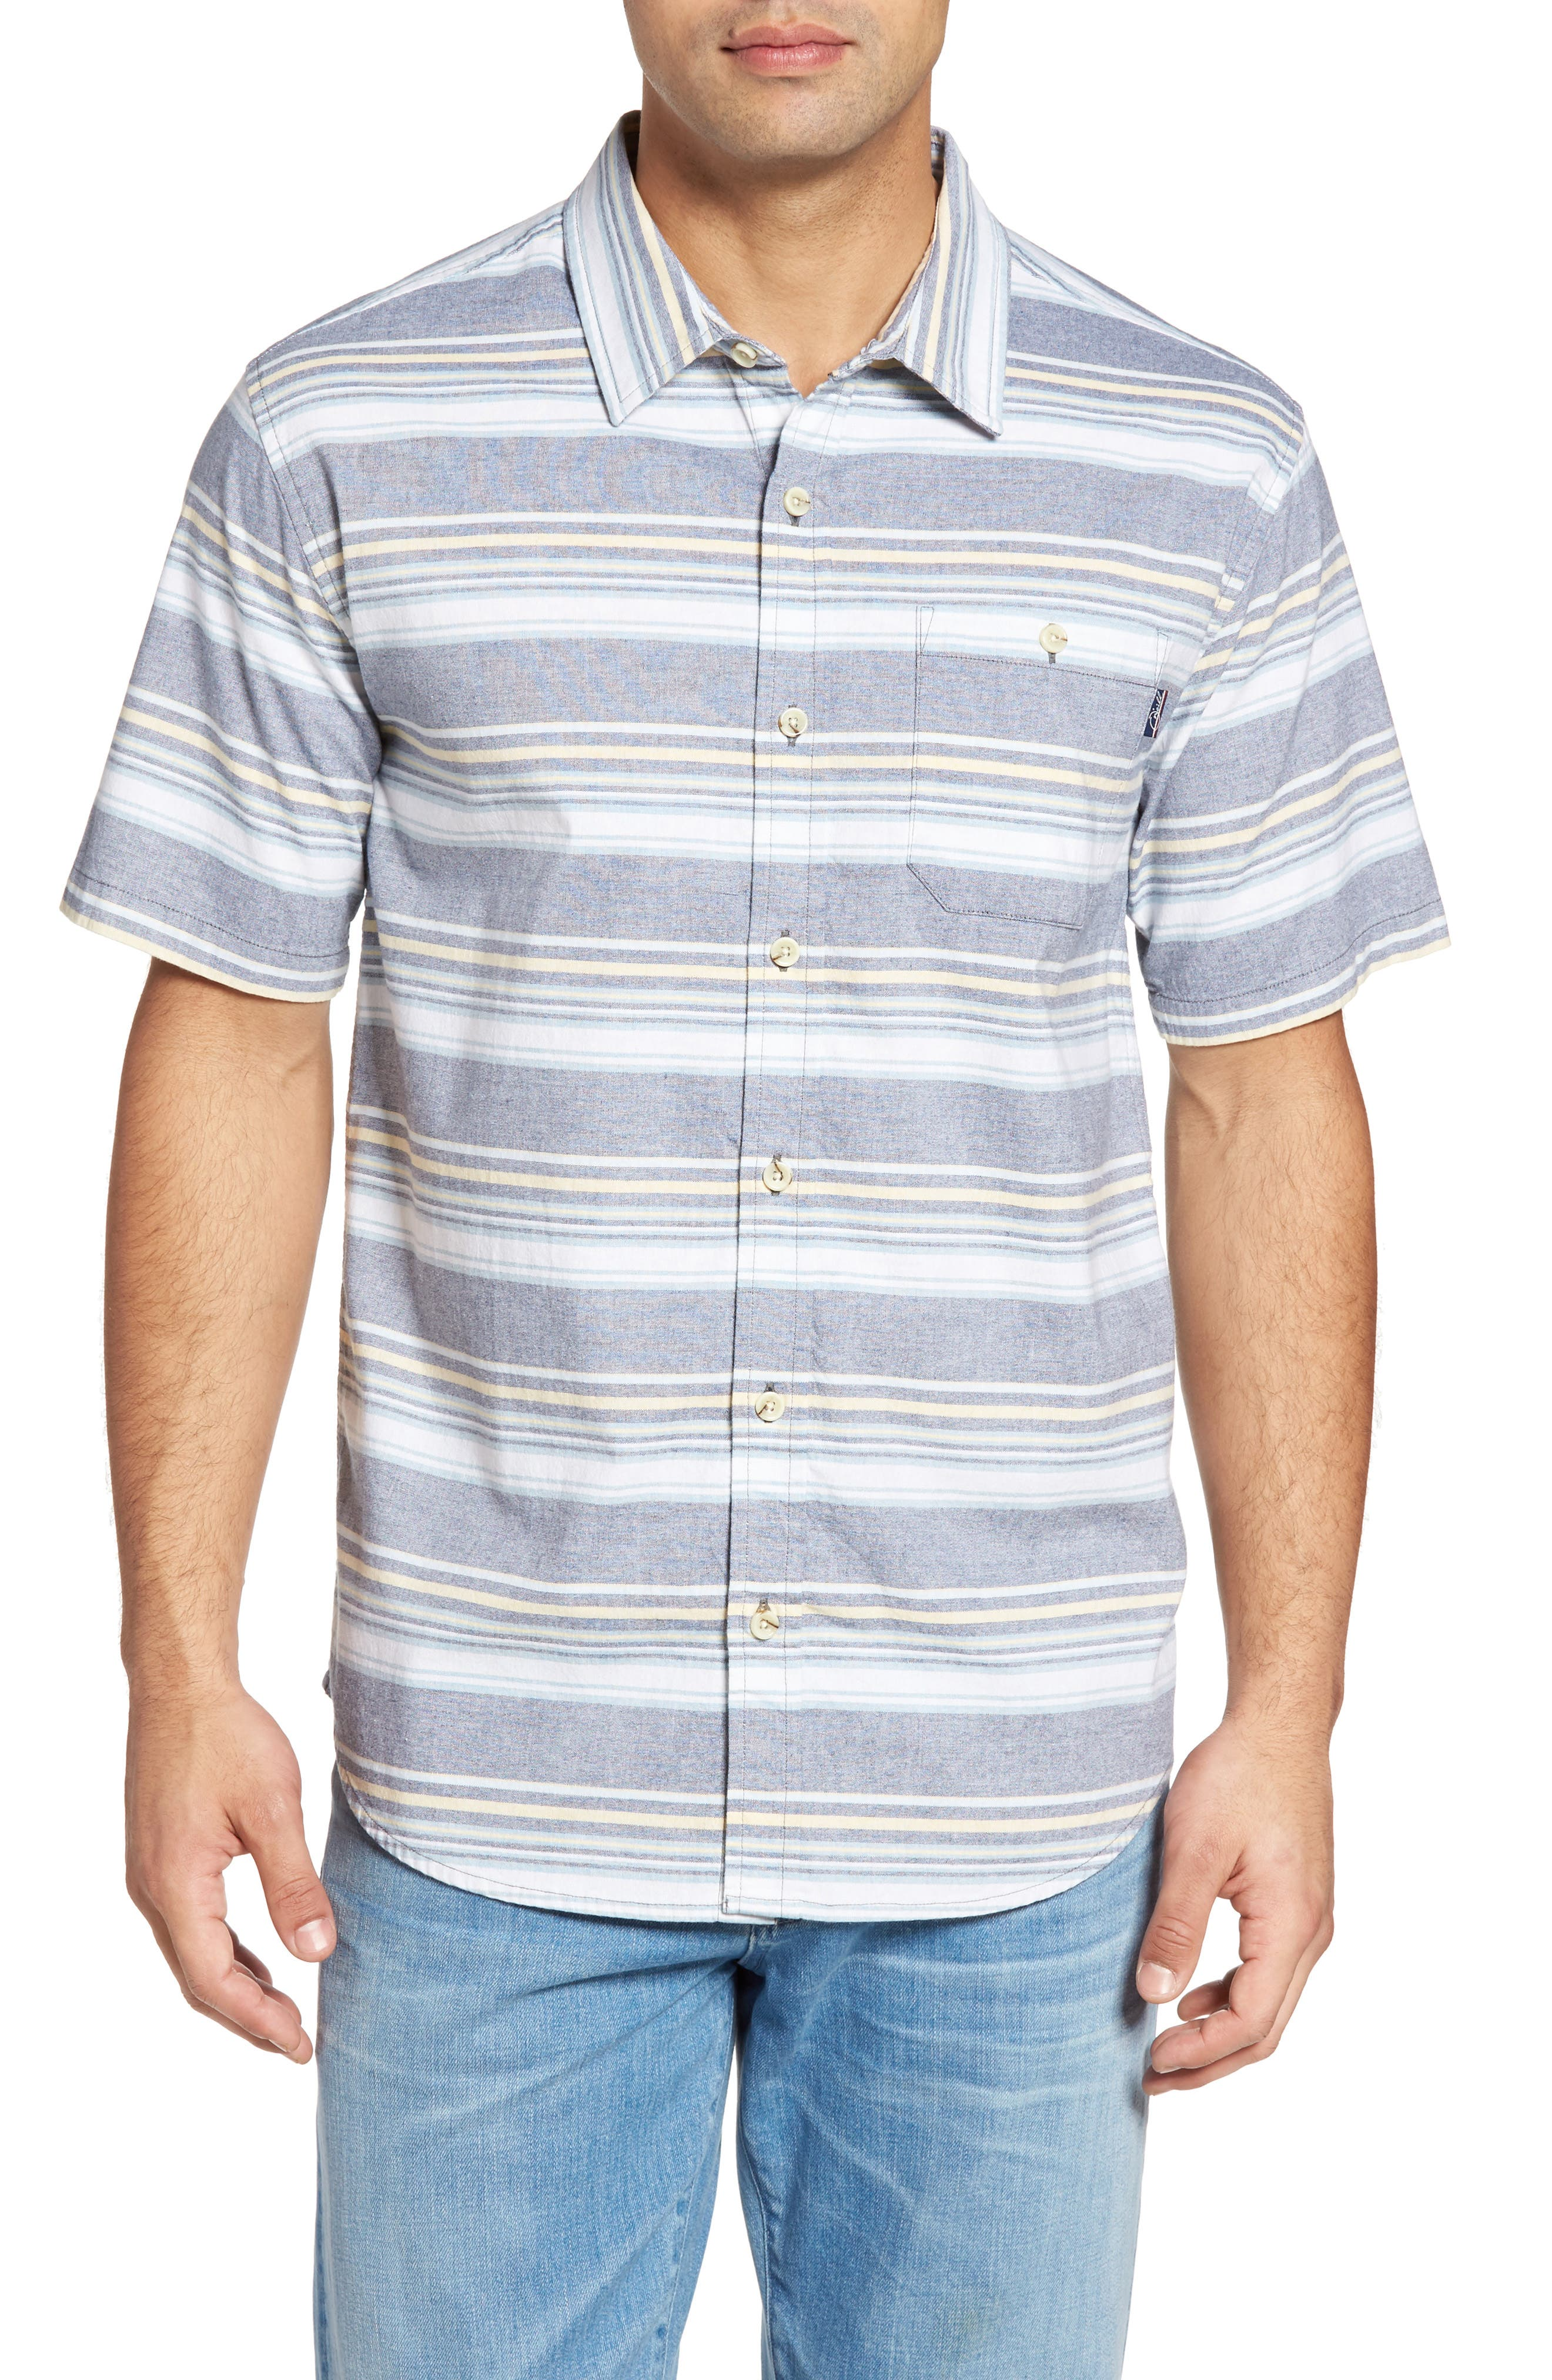 Jack O'Neill Pura Vida Sport Shirt